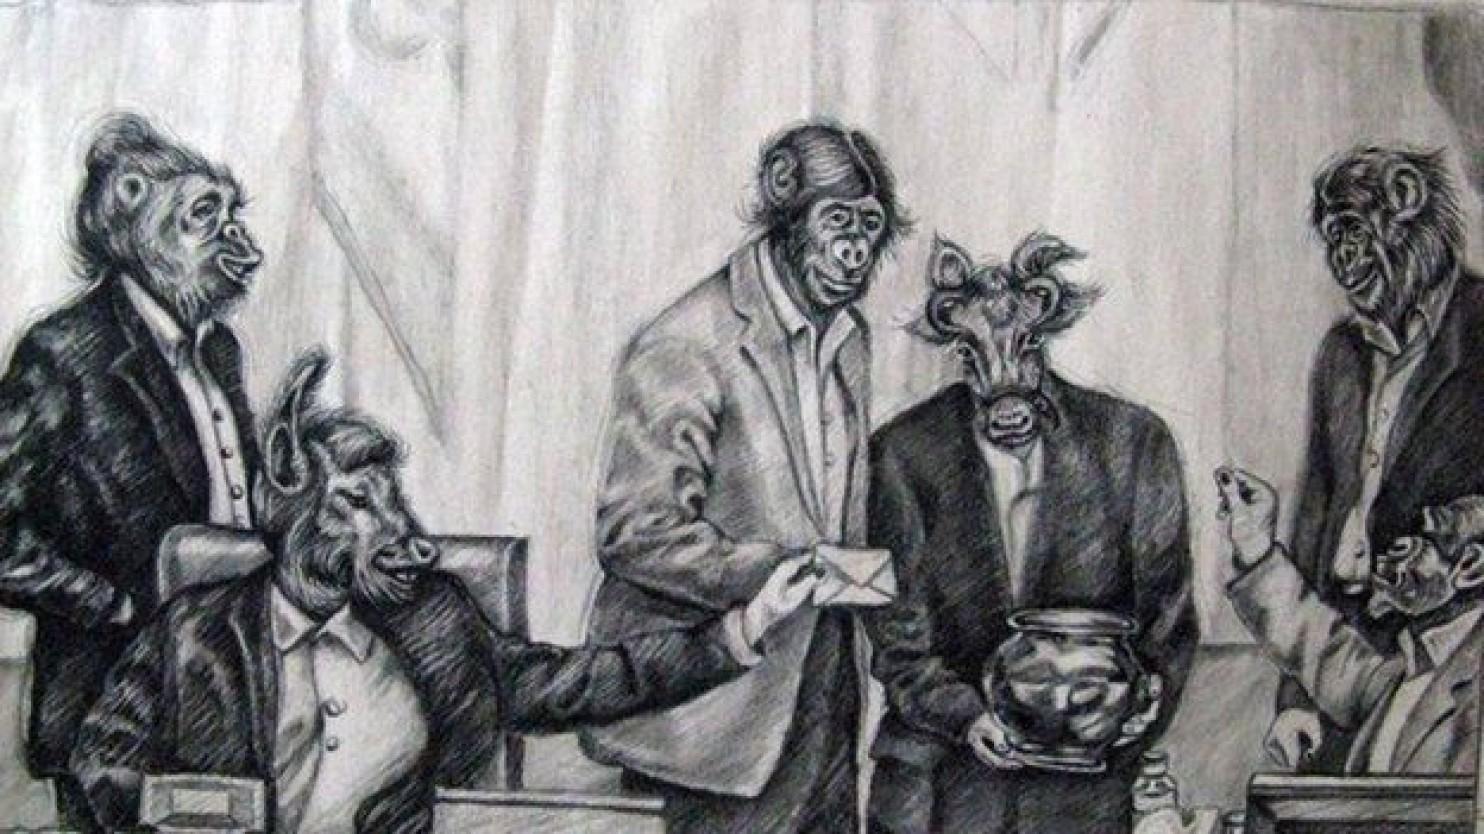 Atena Farghadani's incriminated cartoon